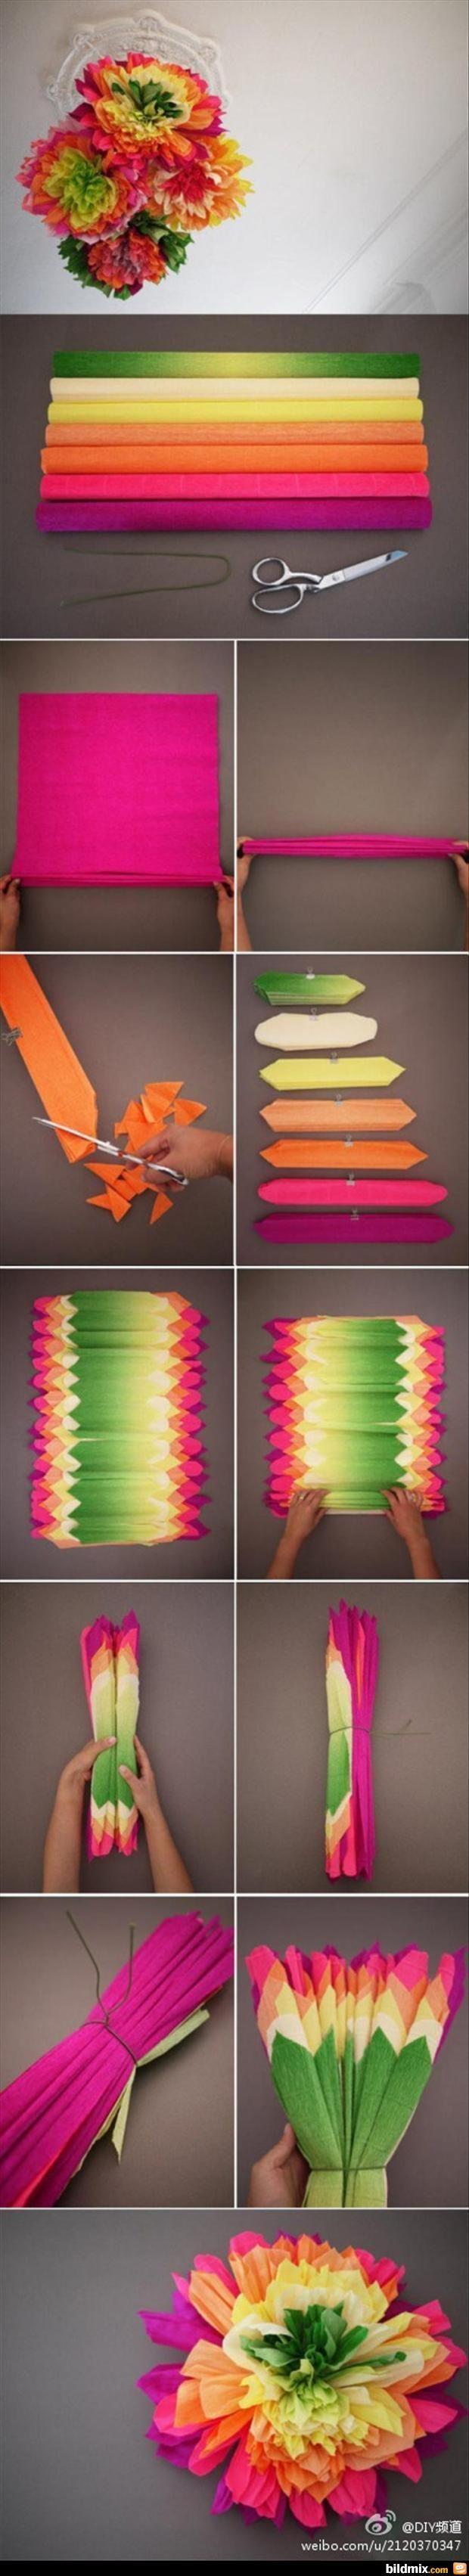 Einfache Ideen die es wirklich in sich haben #8 / bildmix.com - Täglich neue Picdumps!